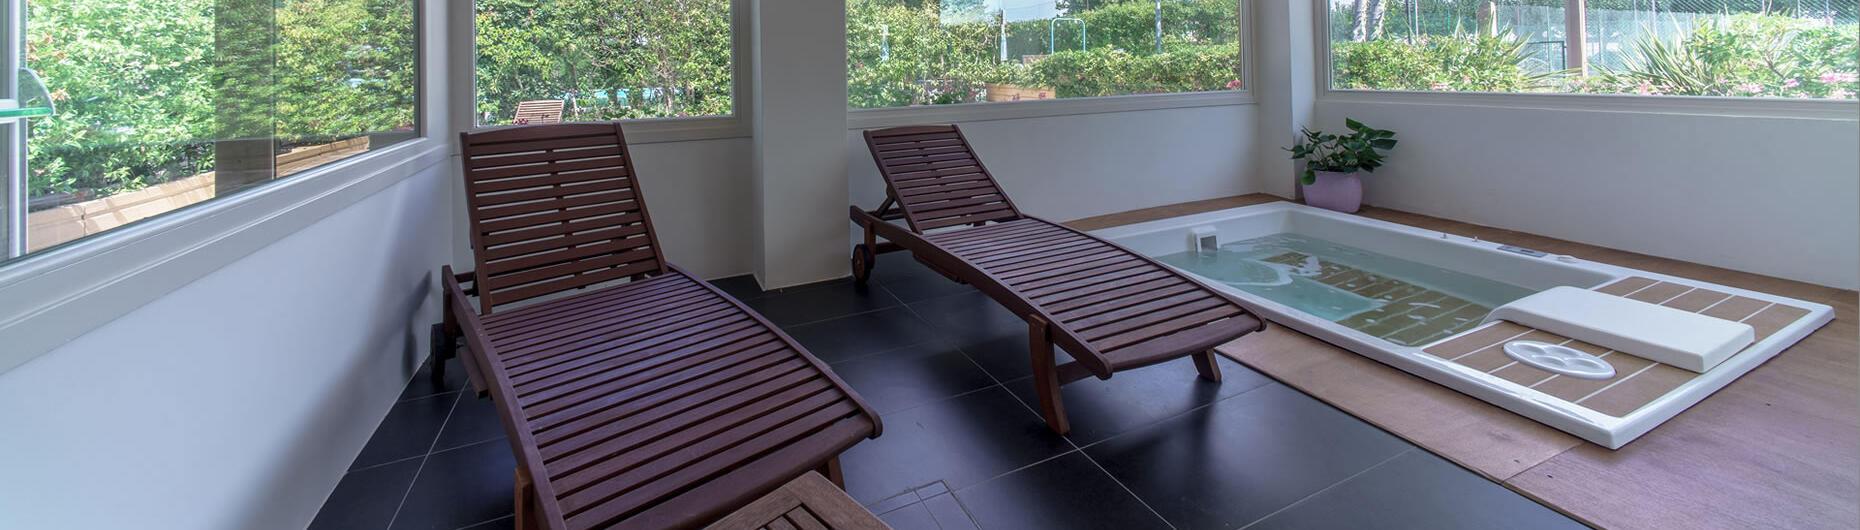 vacanzespinnaker en wellness-centre-spa-marche 004